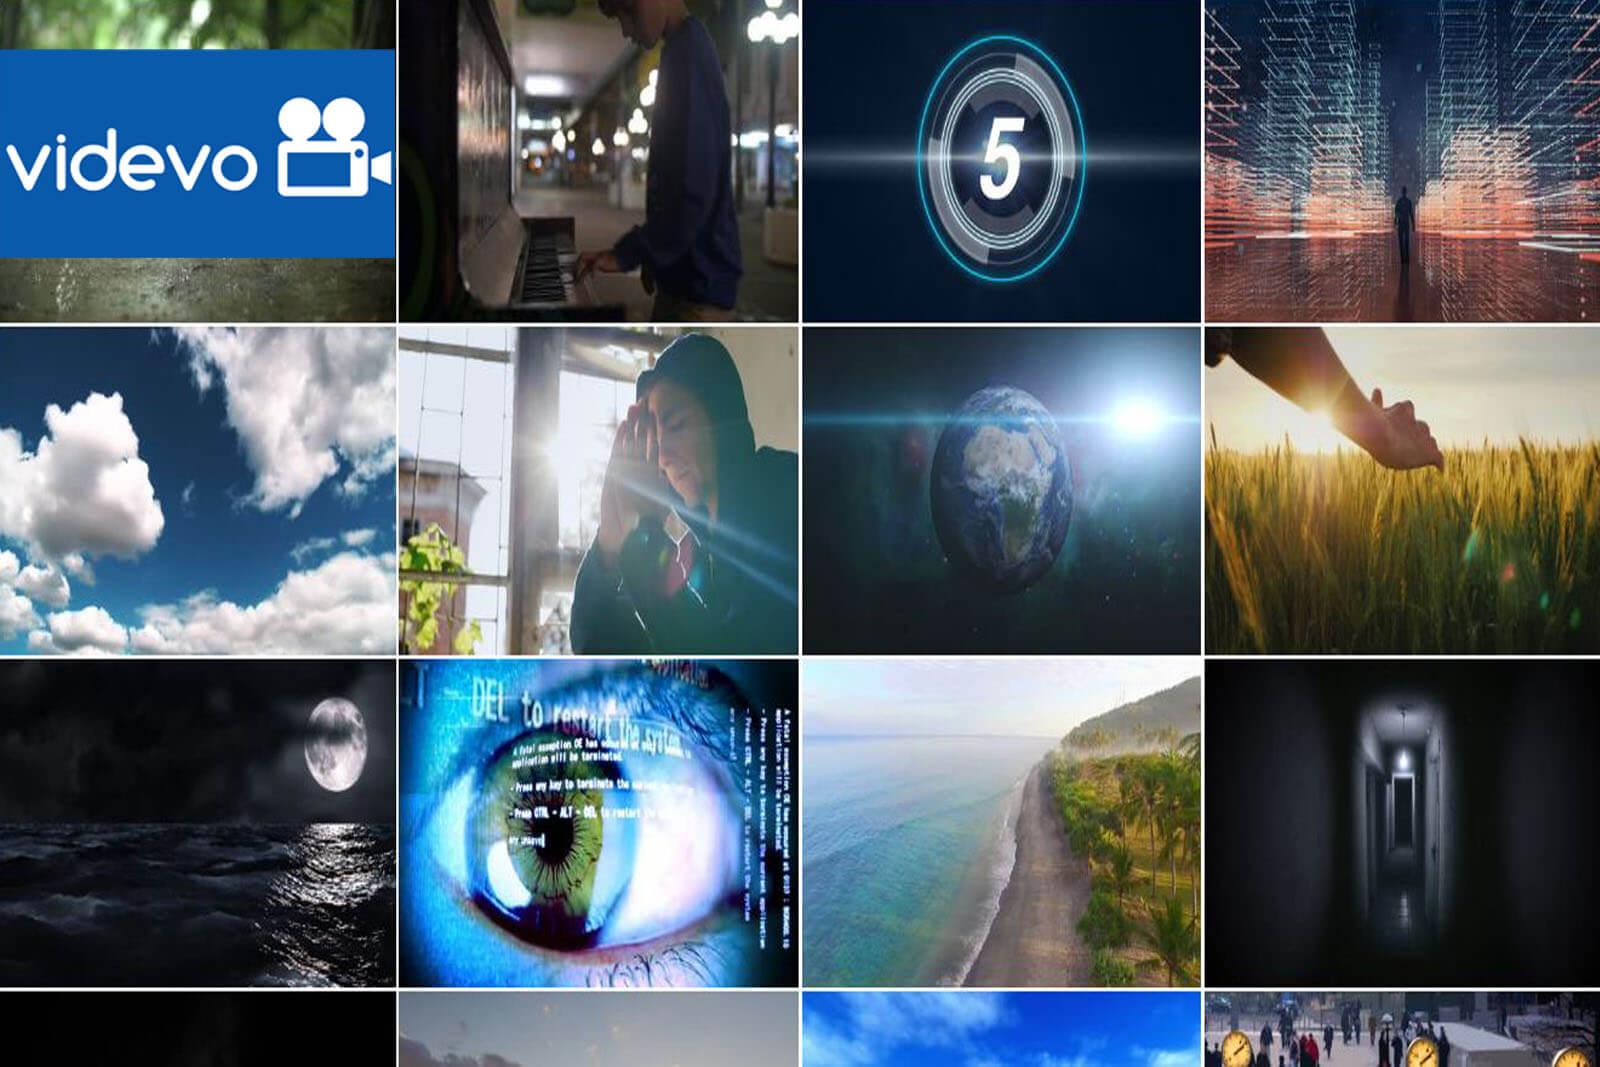 3. Videvo.net - бесплатные стоковые видеоматериалы